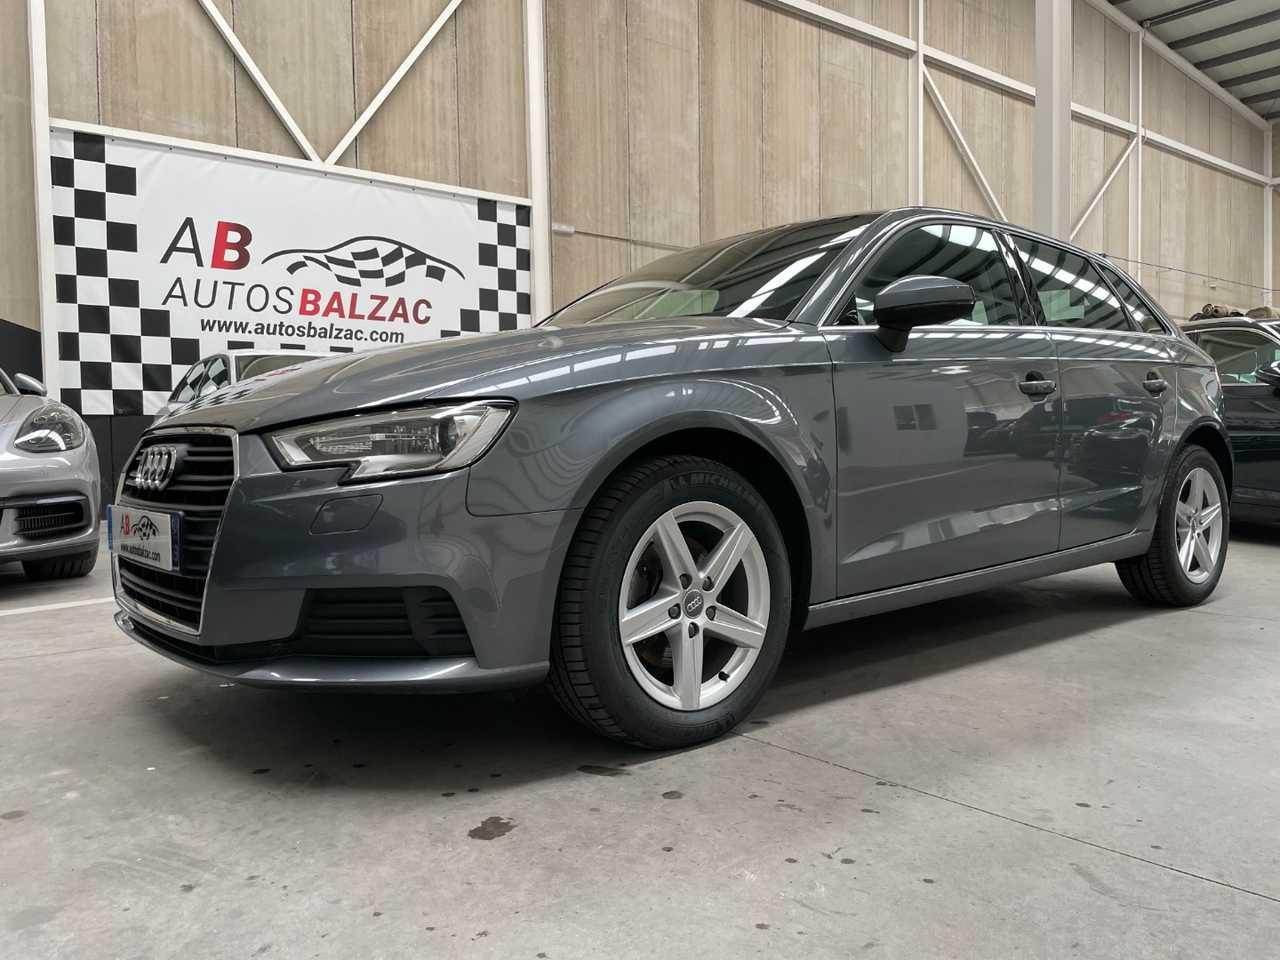 Audi A3 Sportback ocasión segunda mano 2018 Diésel por 18.490€ en Málaga